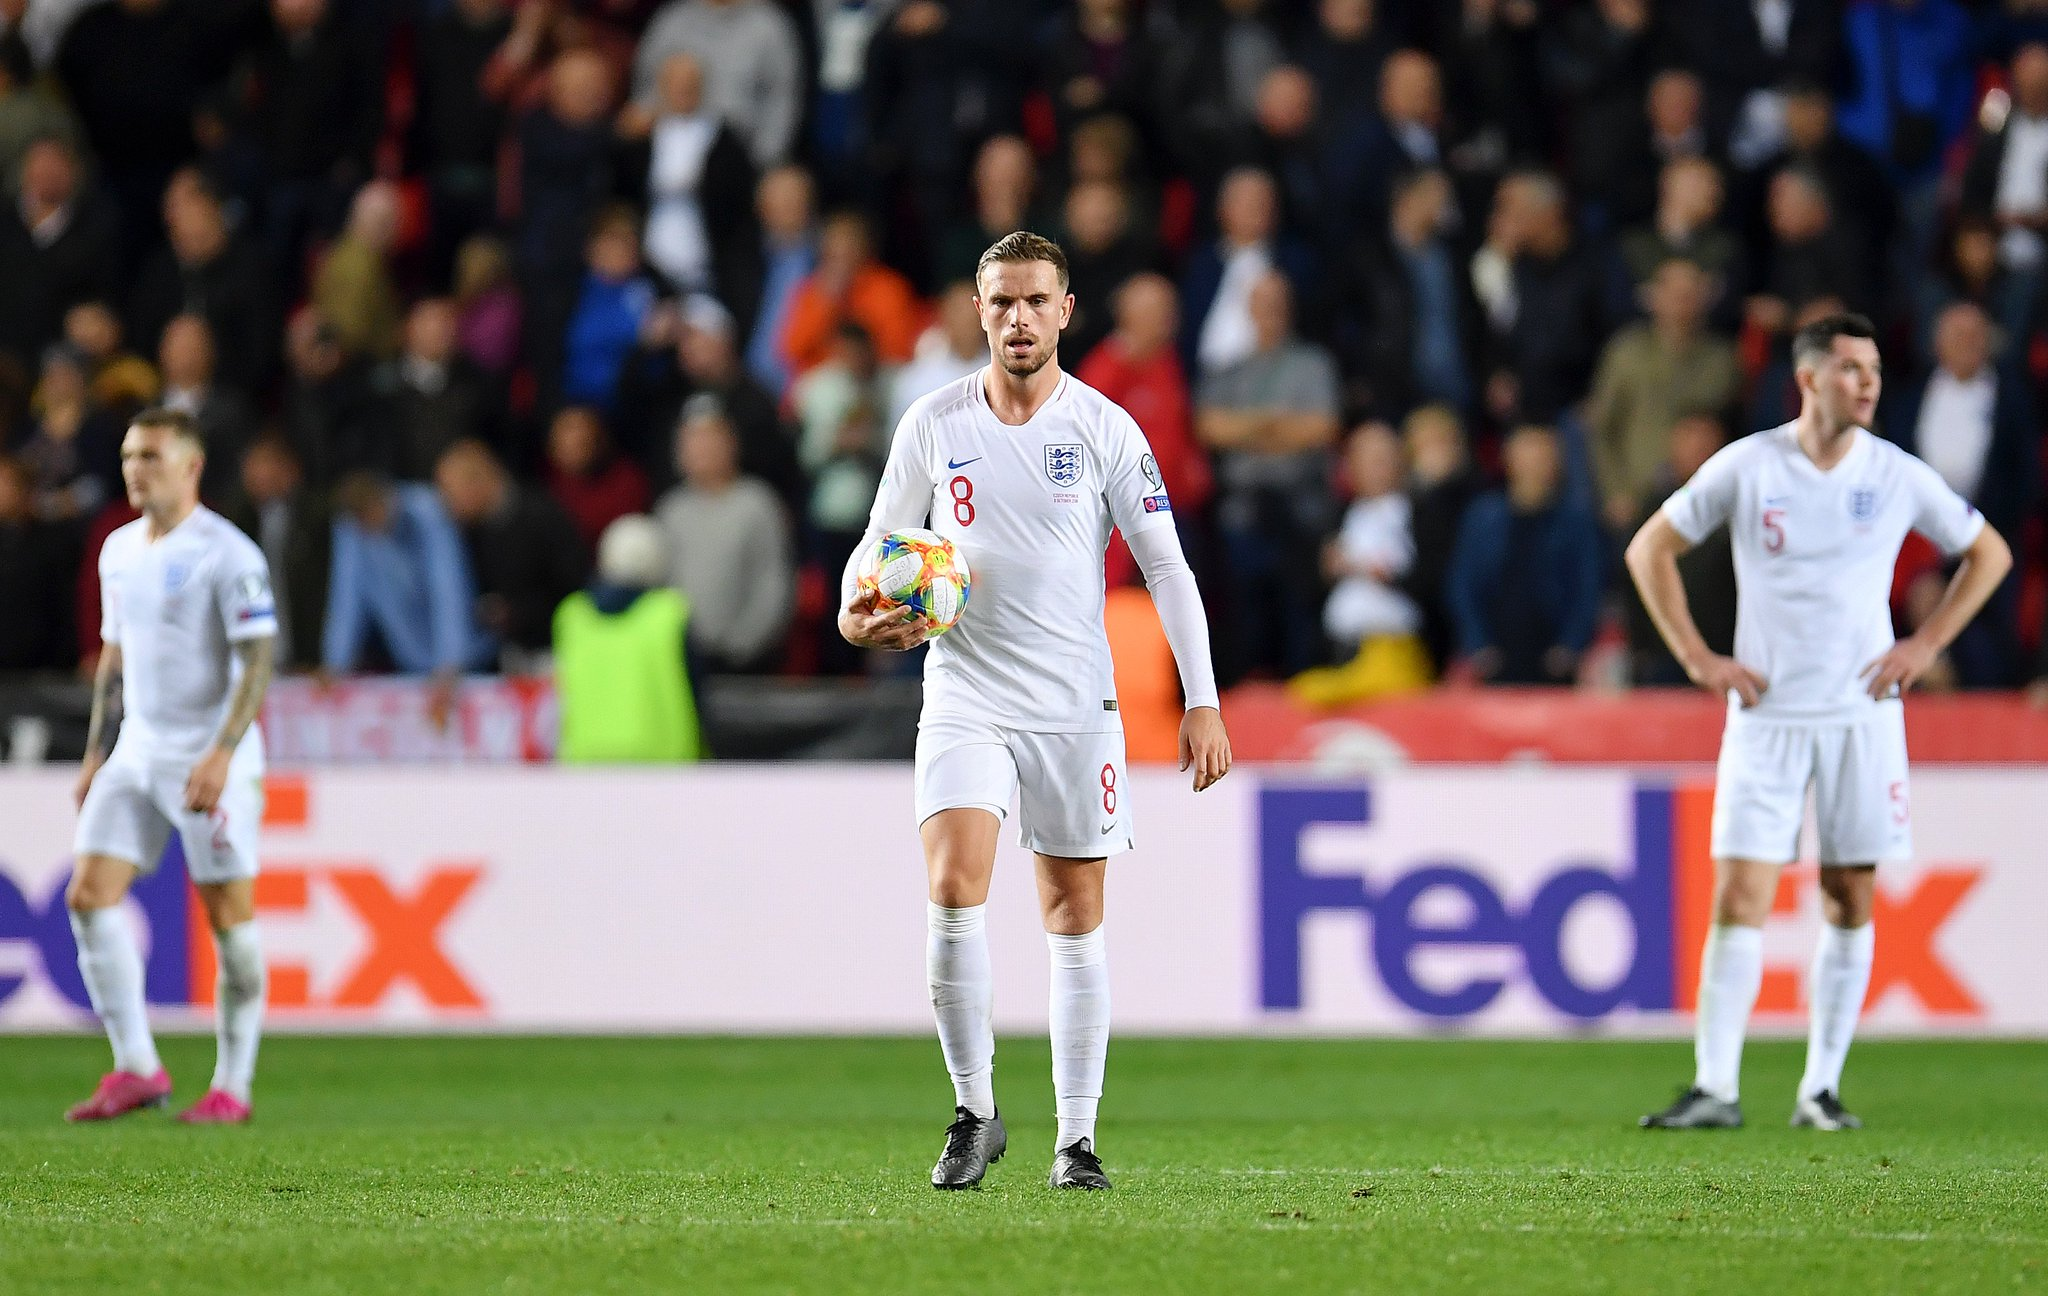 التشيك تقلب تأخرها أمام إنجلترا وتفوز بهدفين مقابل هدف.